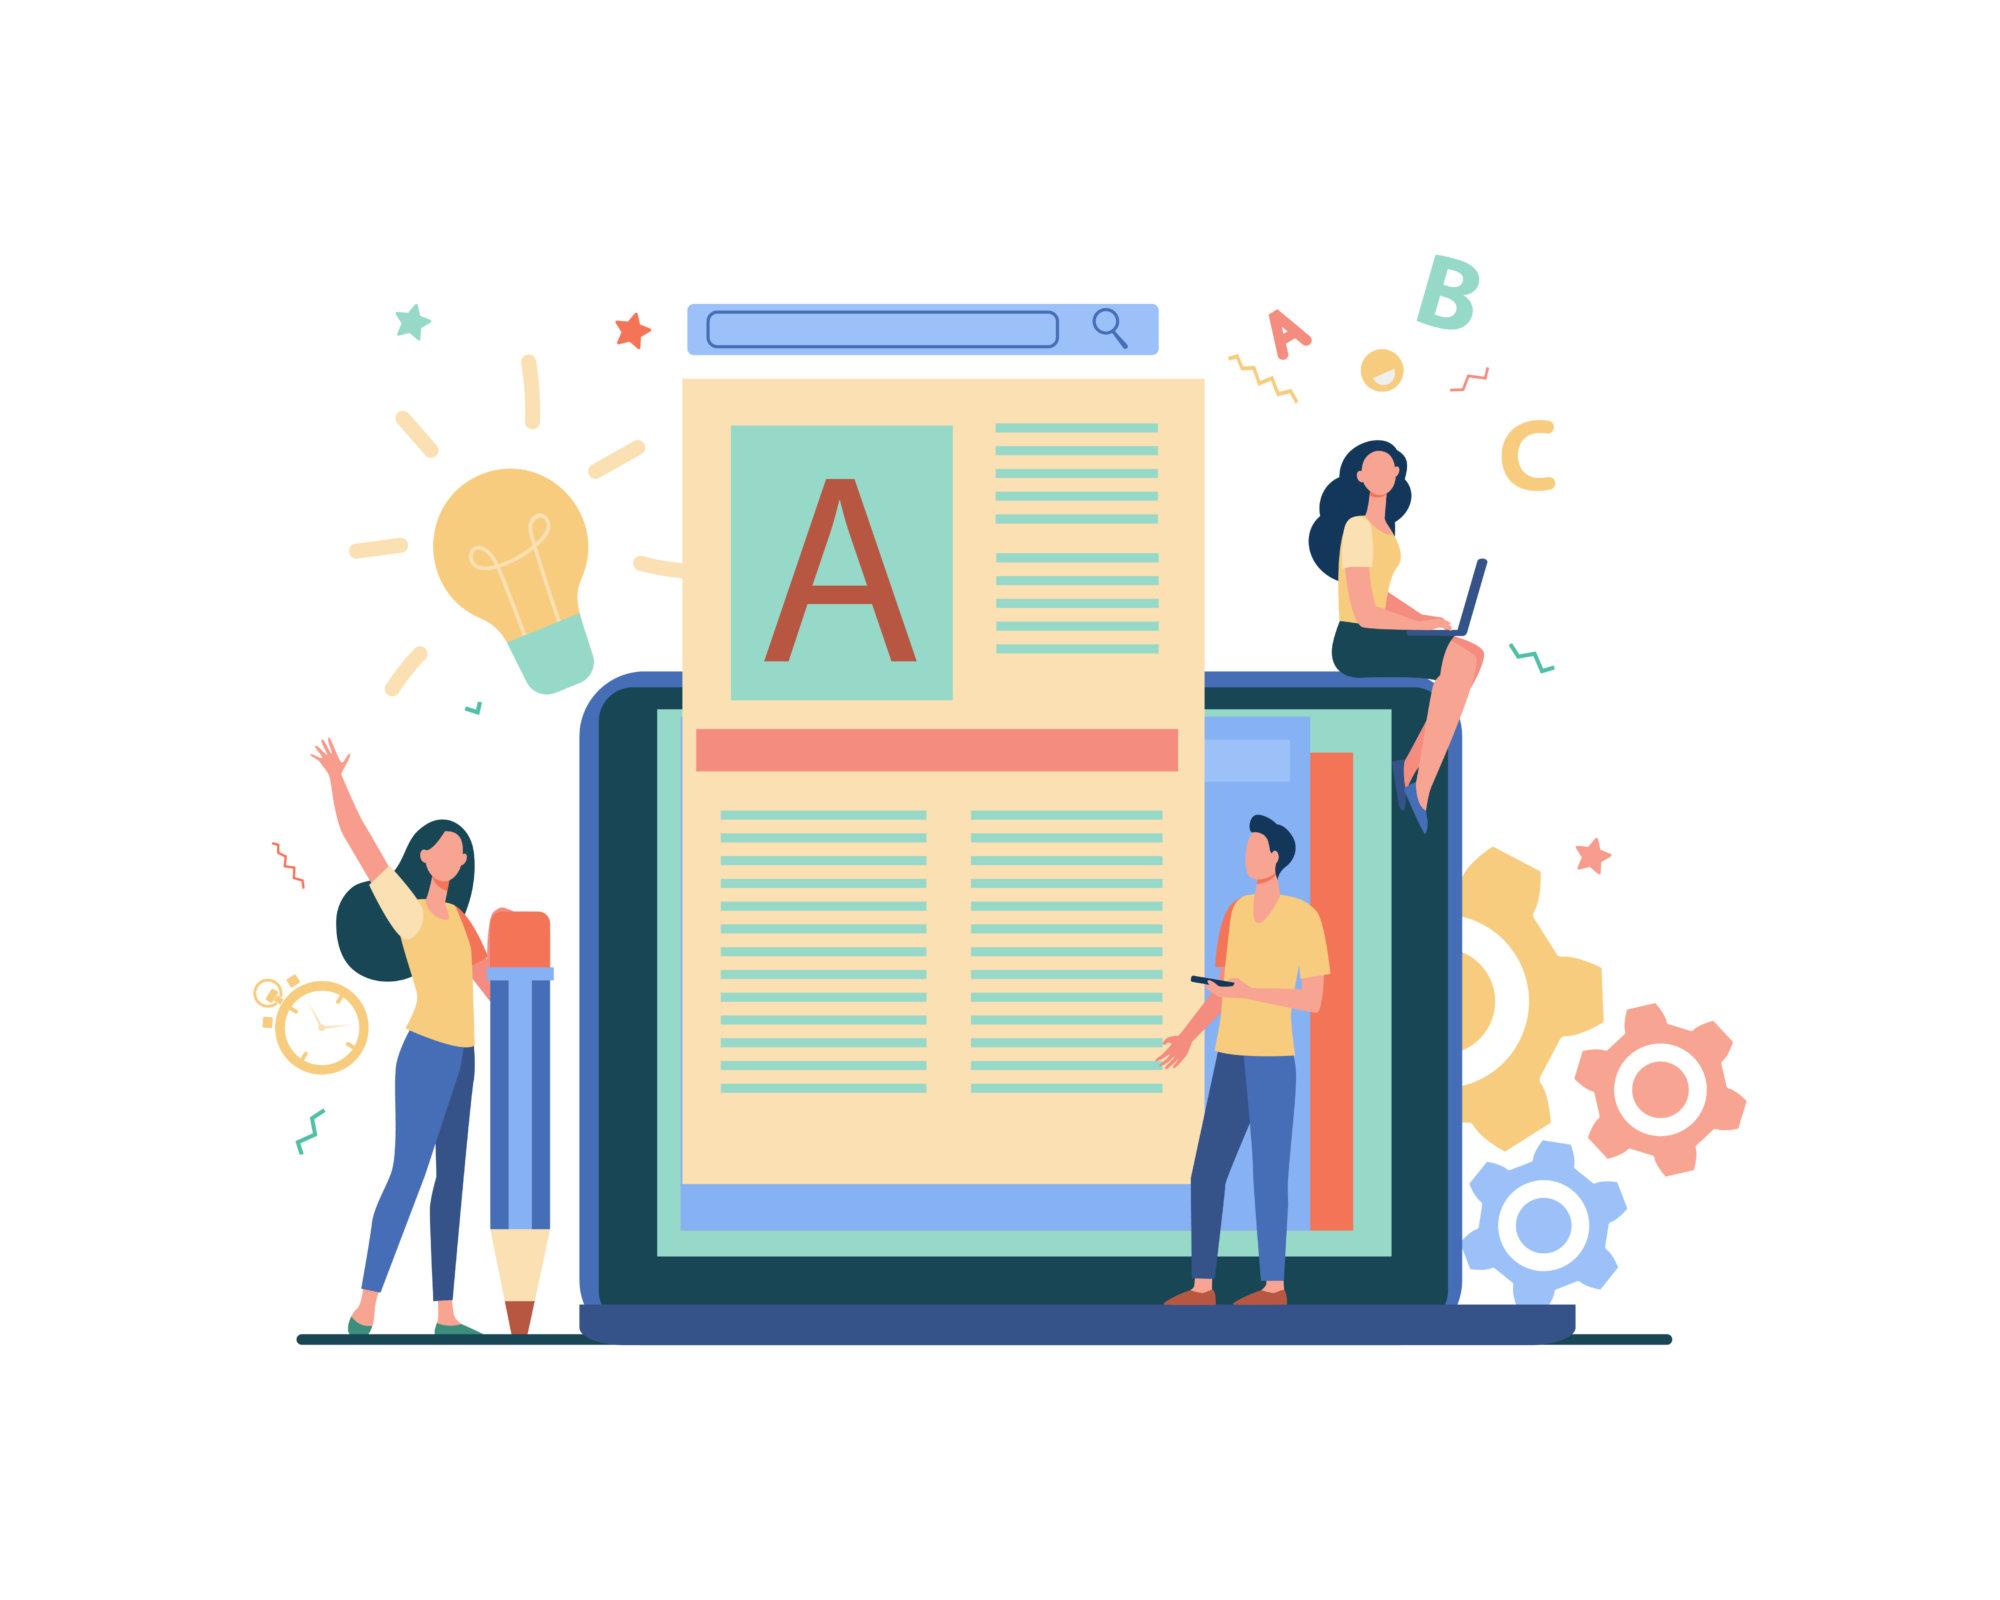 O que é Storytelling e como usá-lo para atrair mais clientes?